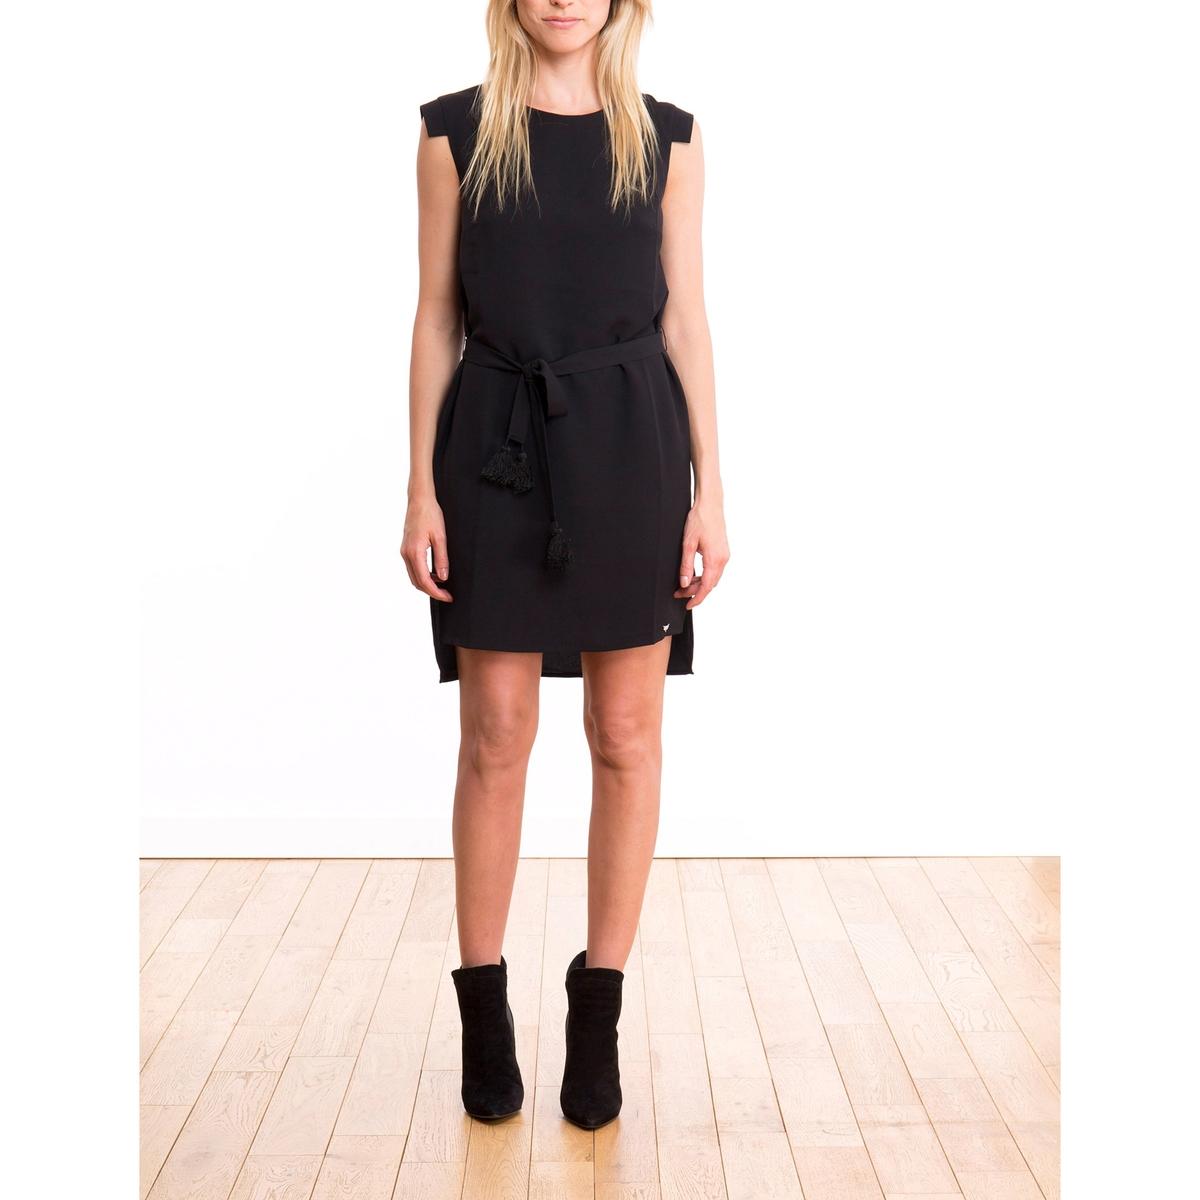 Платье средней длины с короткими рукавамиДетали •  Форма : с запахом  •  Длина до колен •  Короткие рукава    •   V-образный вырезСостав и уход •  100% полиэстер •  Подкладка : 100% полиэстер •  Следуйте рекомендациям по уходу, указанным на этикетке изделия<br><br>Цвет: черный<br>Размер: M.L